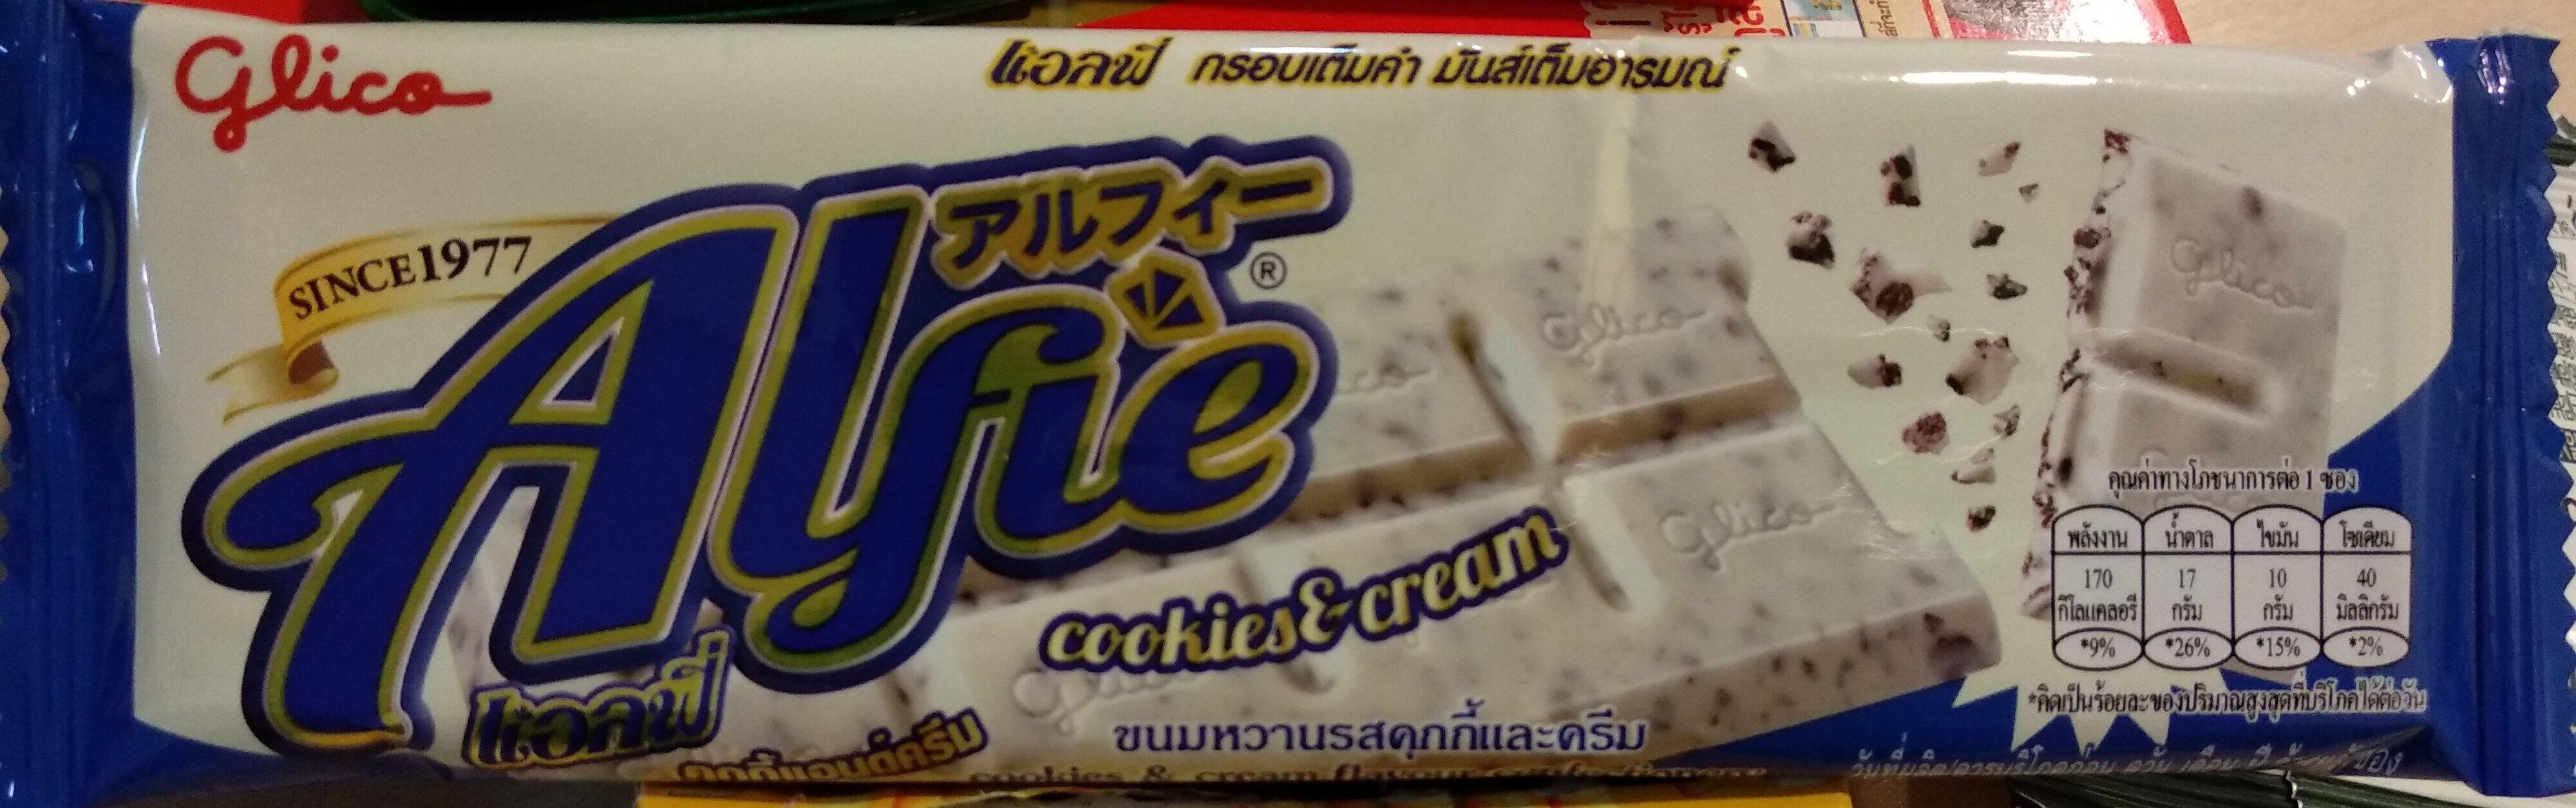 แอลฟี่ คุกกี้แอนด์ครีม - Produit - th